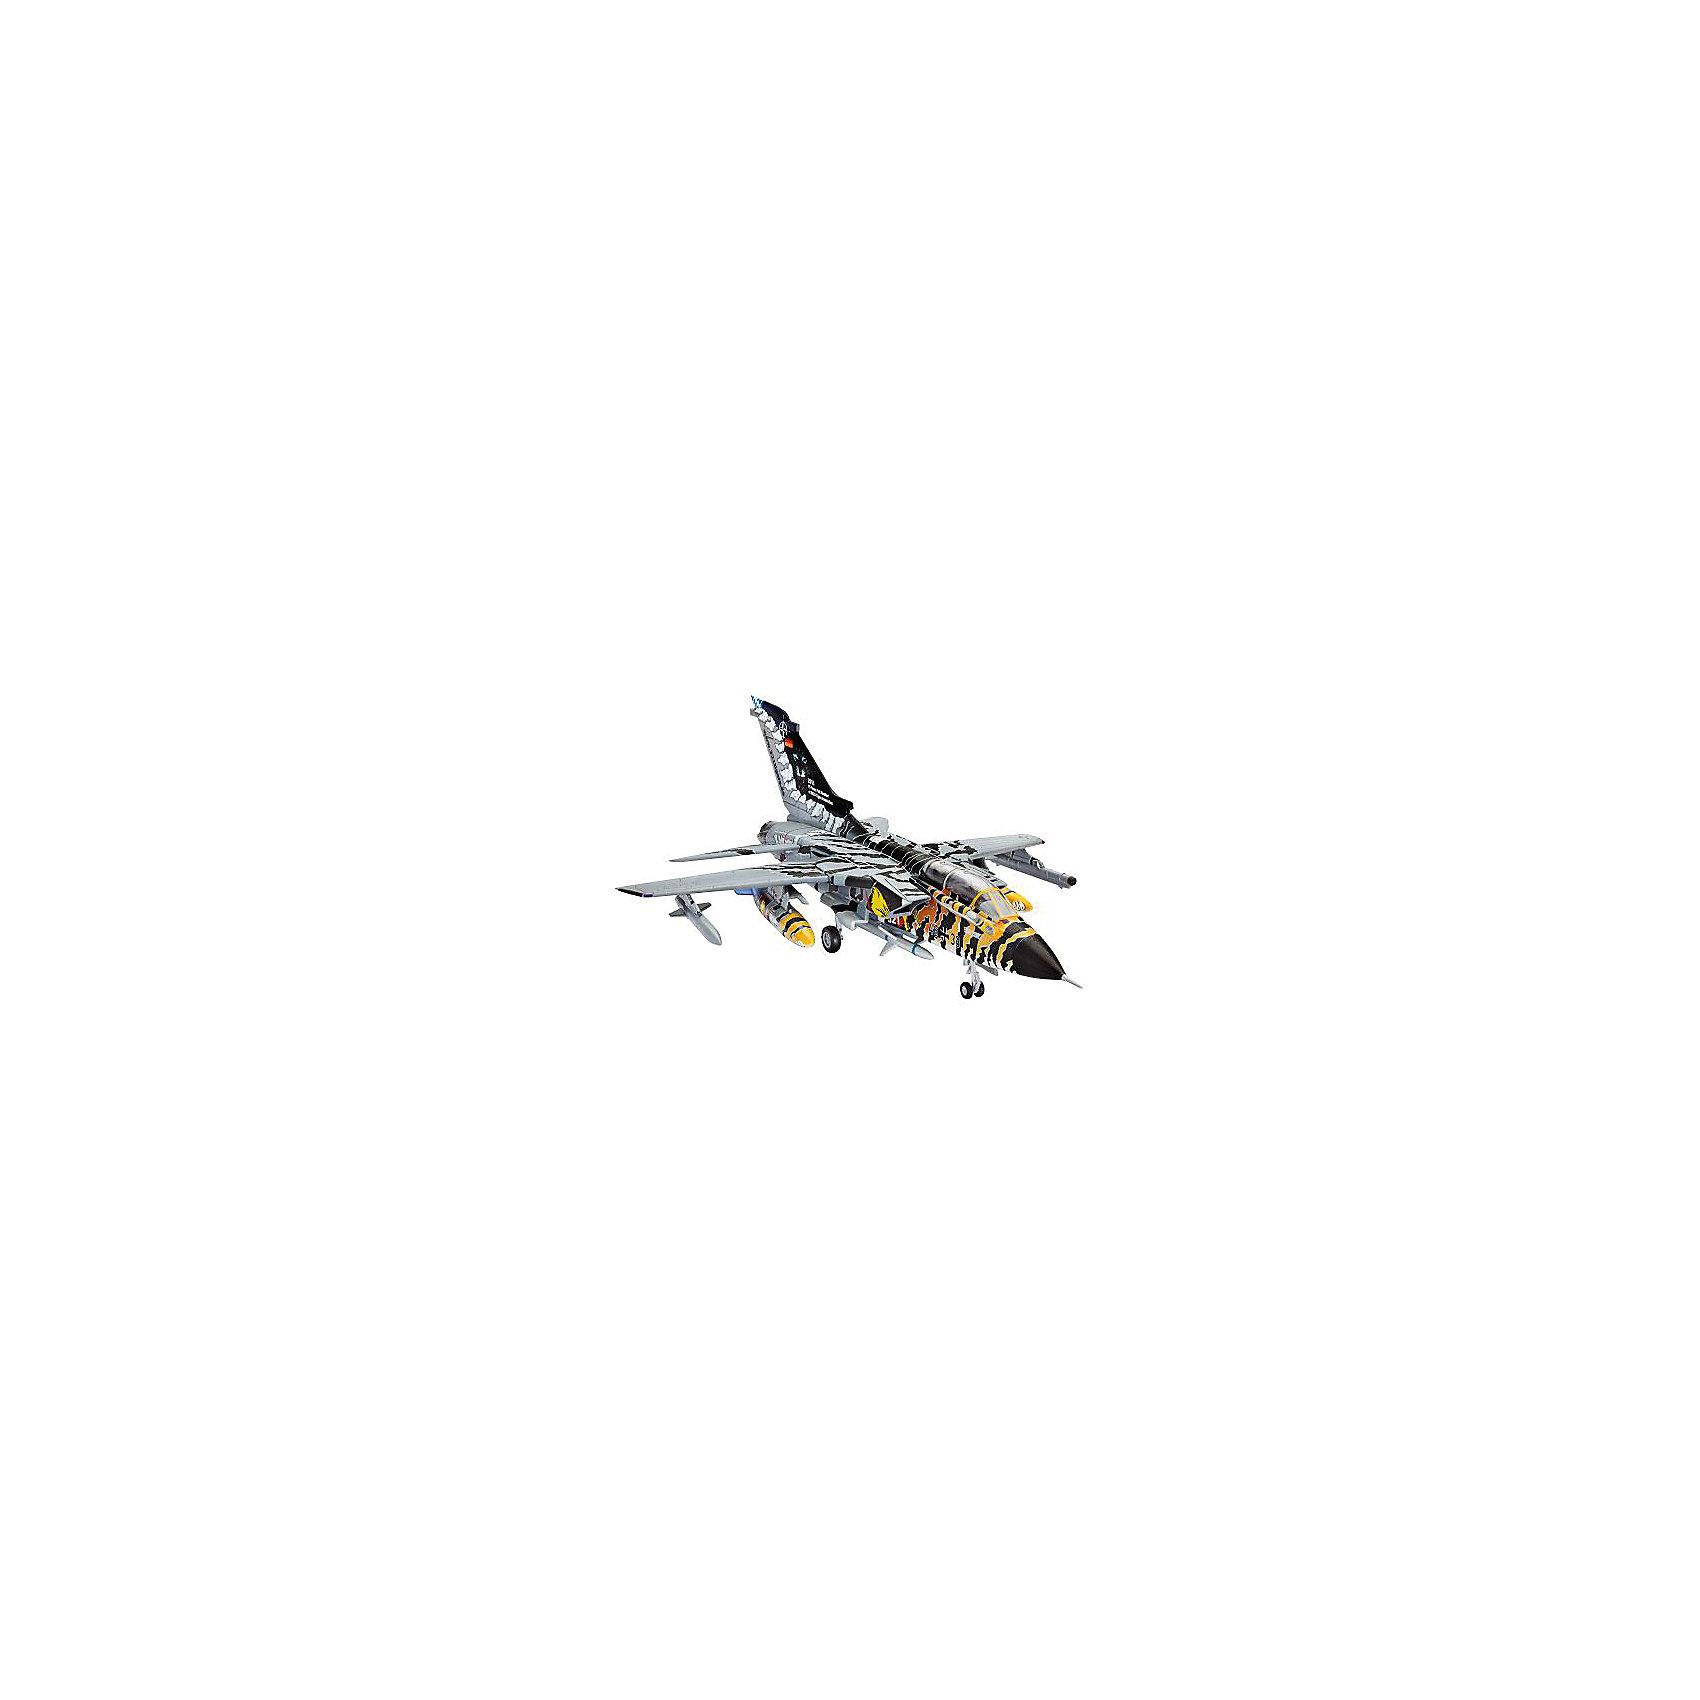 Самолет Разведчик-Бомбардировщик «Торнадо» ECR Tigermeet 2011Модели для склеивания<br>Сборная модель немецкого самолета Tornado ECR. Принятый на вооружение в 1980 году Tornado IDS до сих пор состоит на вооружении ВВС европейских стран. Является одним из основных самолетов НАТО. Активно применялся во время войн в Ираке и Югославии. За годы производства было построено 992 экземпляра.  <br>Масштаб: 1:144 <br>Количество деталей: 63 <br>Длина модели: 118 мм <br>Размах крыльев: 85 мм <br>Подойдет для детей старше 10-и лет <br>Клей и базовые краски в комплекте.<br><br>Ширина мм: 9999<br>Глубина мм: 9999<br>Высота мм: 9999<br>Вес г: 9999<br>Возраст от месяцев: 120<br>Возраст до месяцев: 2147483647<br>Пол: Мужской<br>Возраст: Детский<br>SKU: 7122325